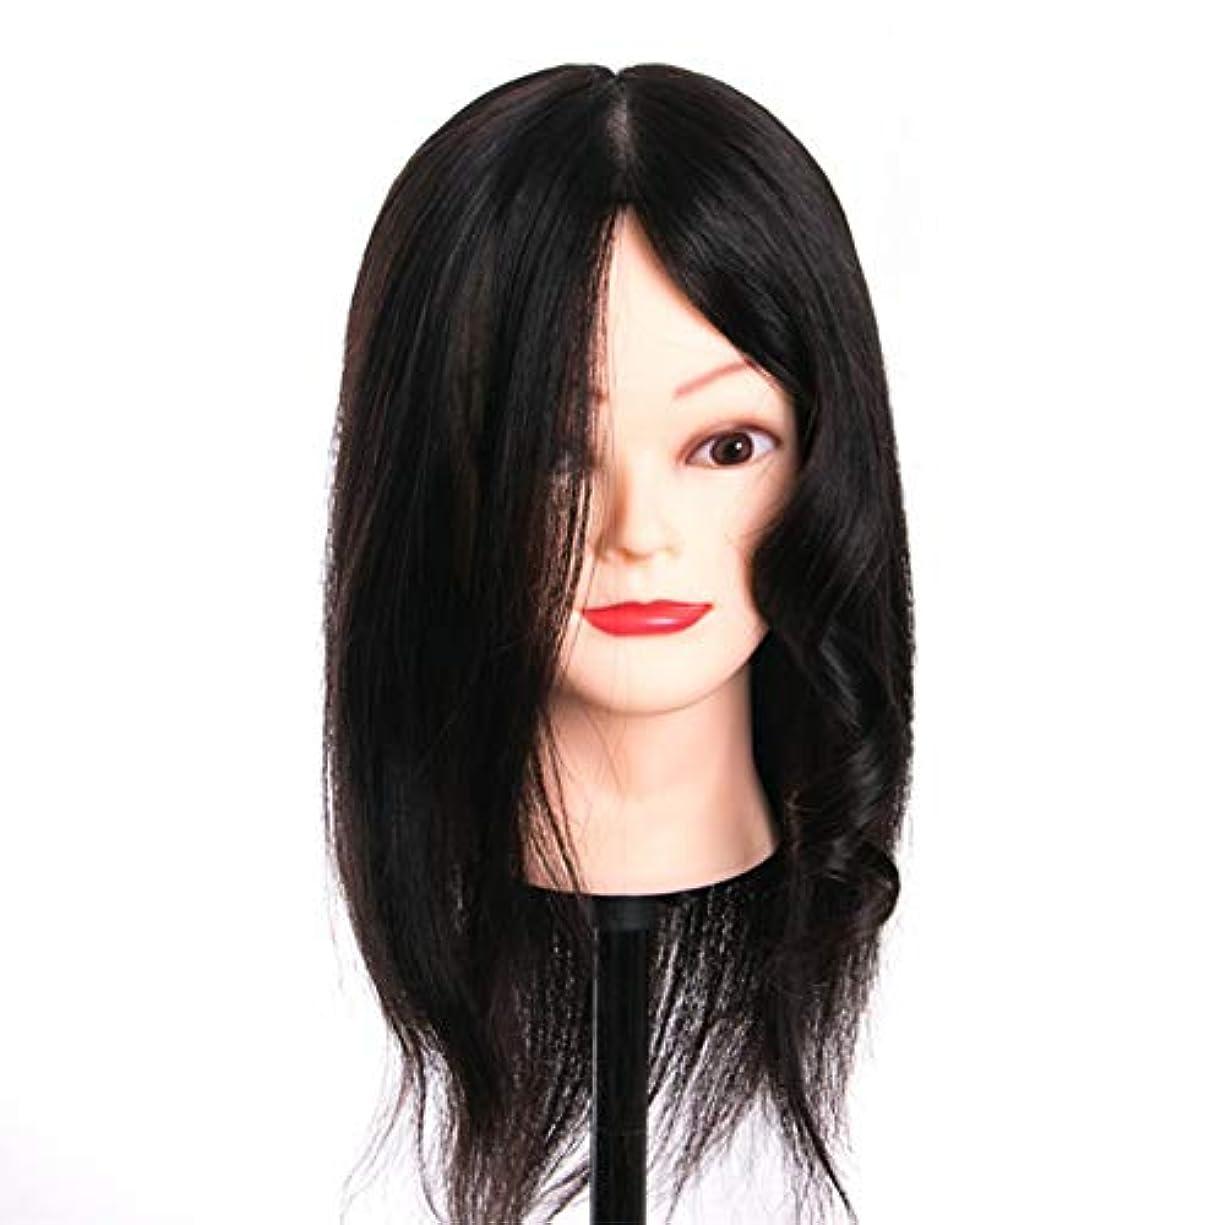 不十分な統治可能メイクディスクヘアスタイリング編み教育ダミーヘッドサロンエクササイズヘッド金型理髪ヘアカットトレーニングかつら3個